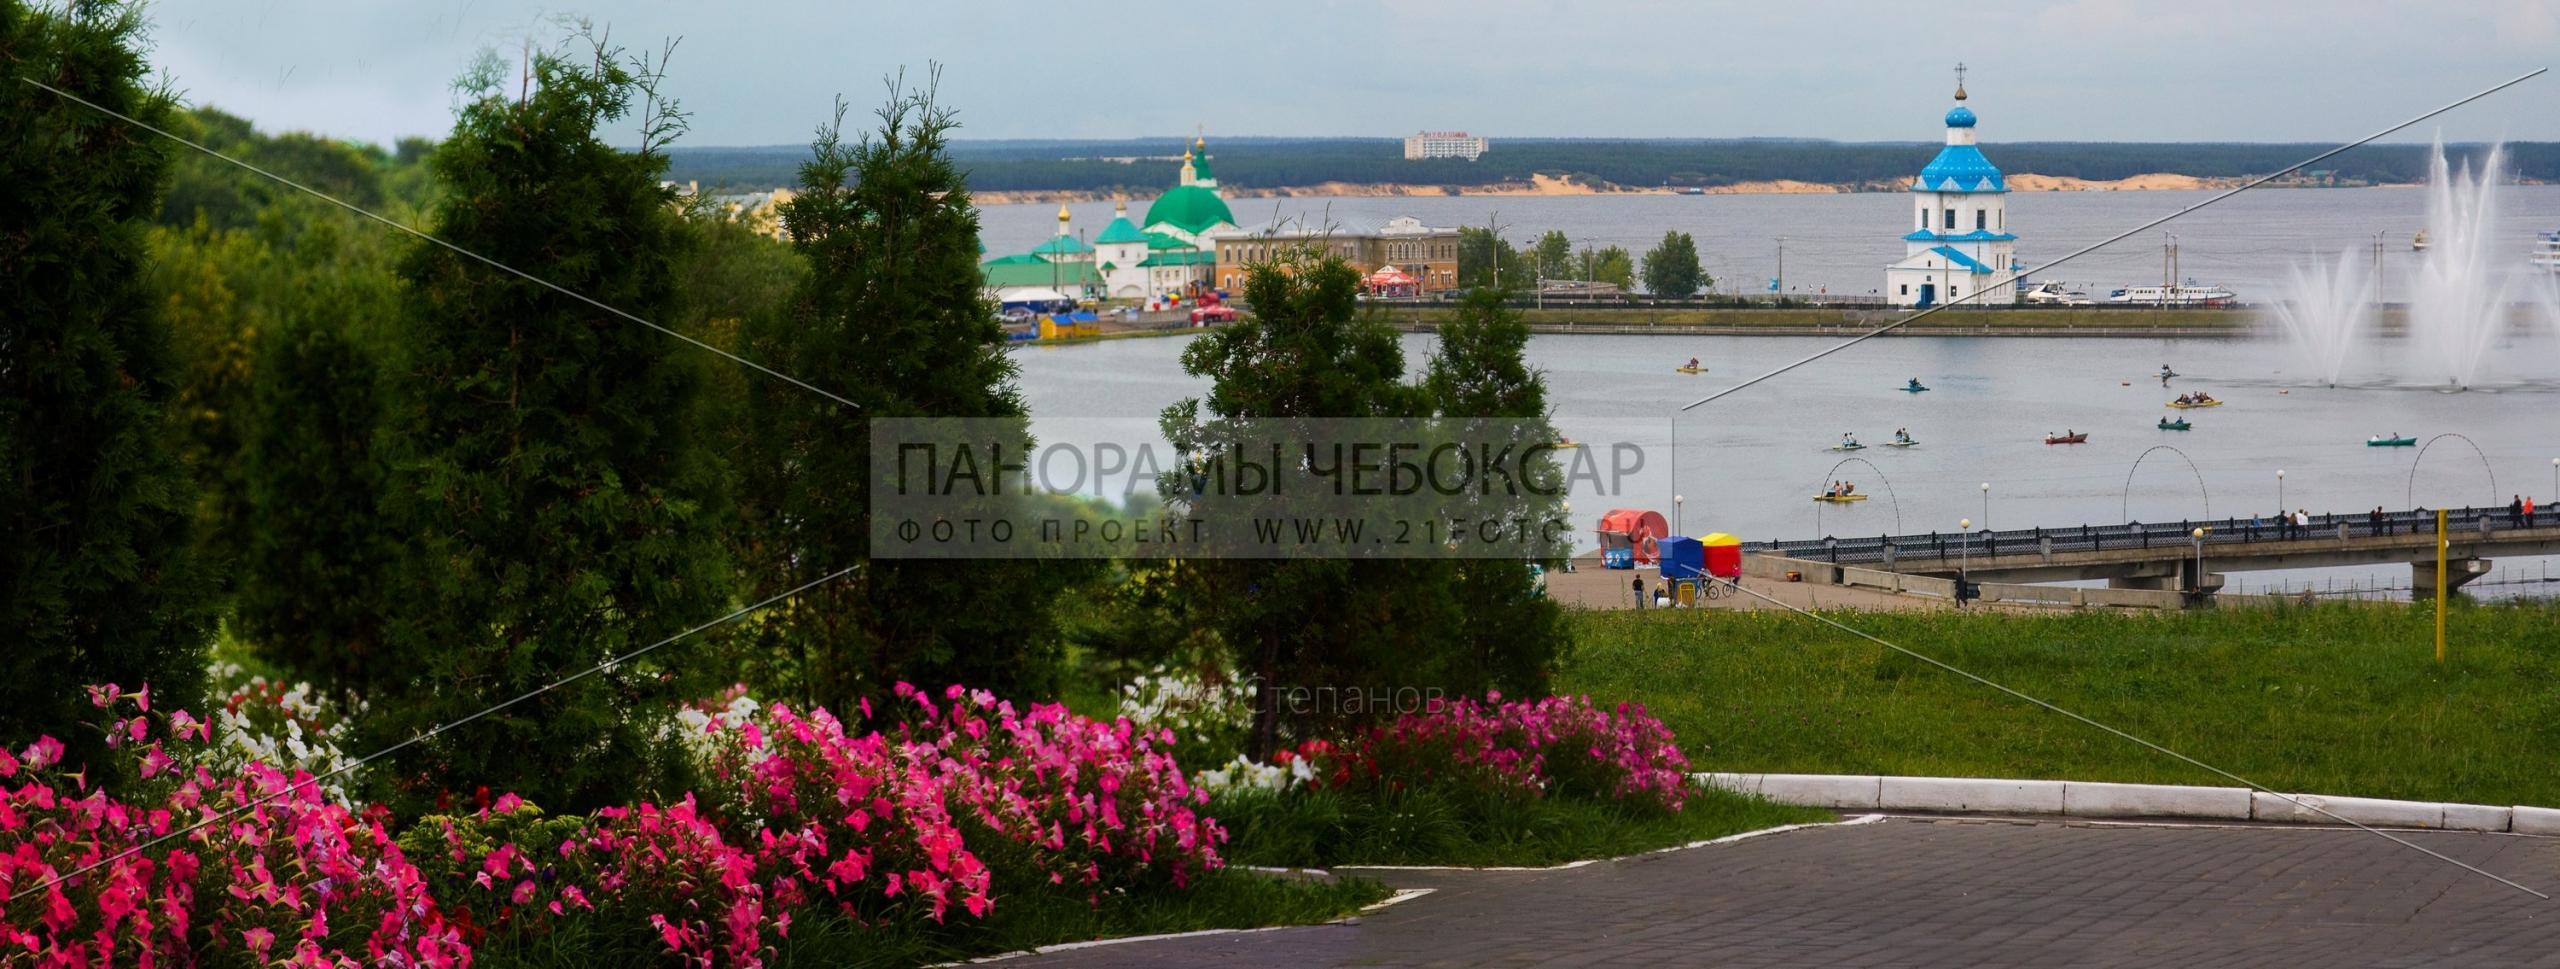 Цветы на весеннем заливе Илья Степанов — Чебоксары